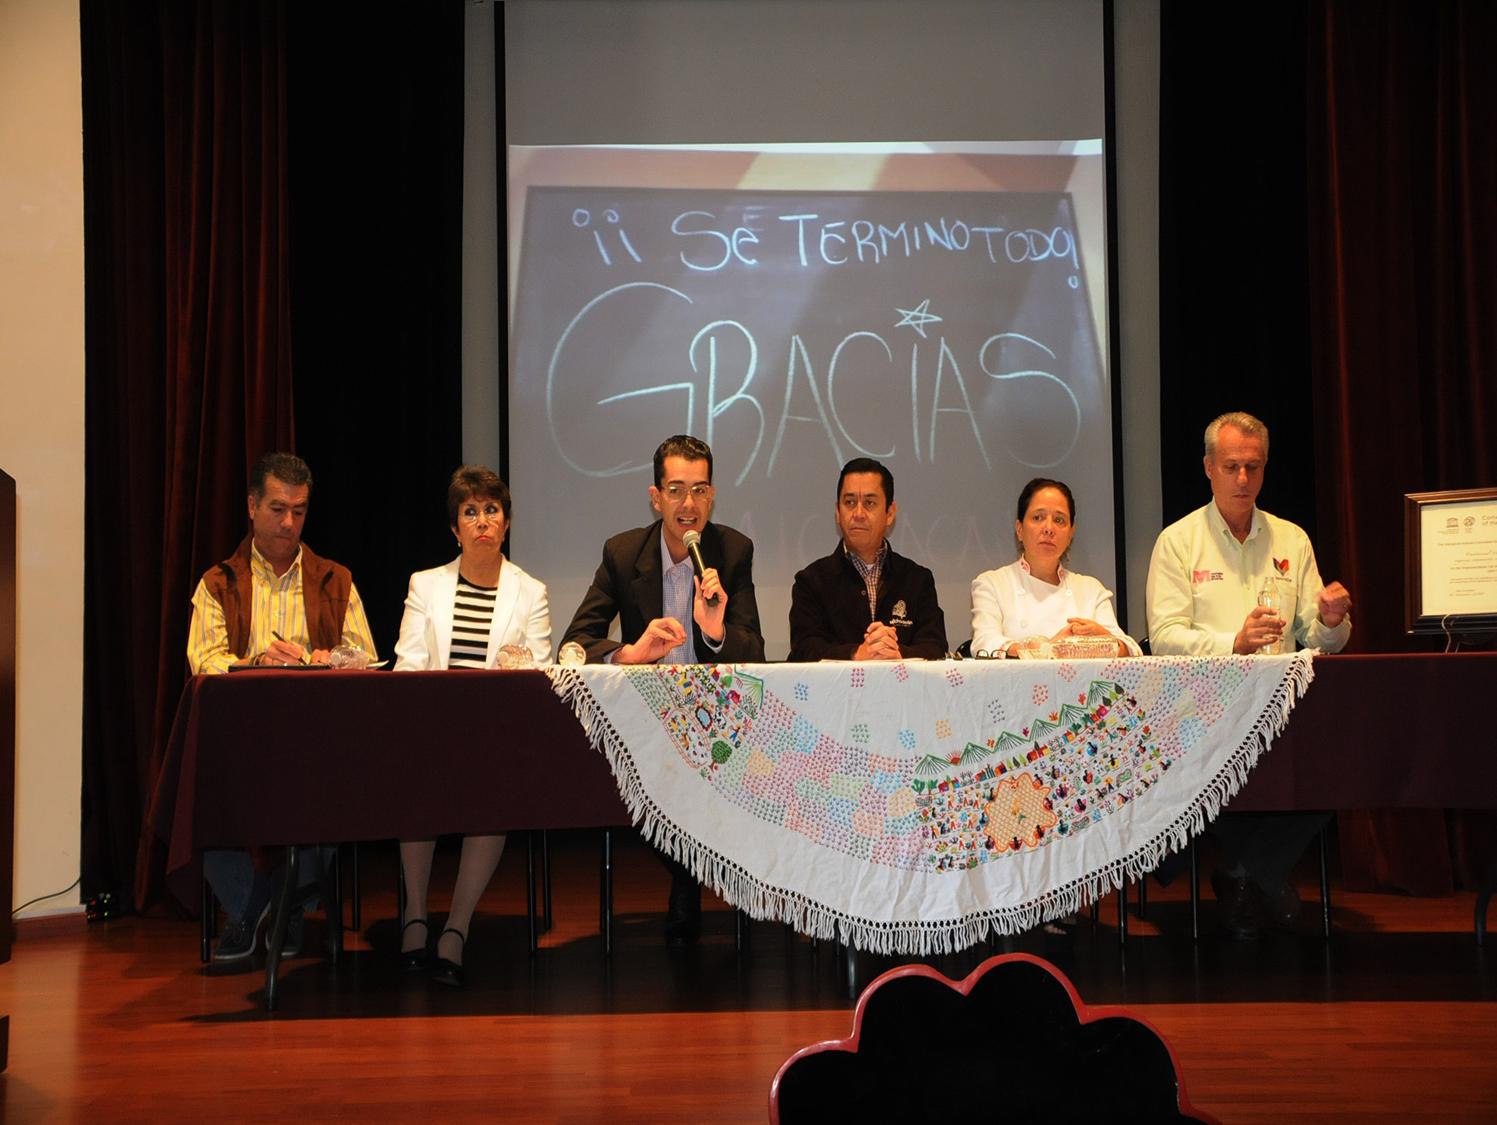 MICHOACÁN MÁGICO. En conferencia de prensa, Ávila Pedraza destacó que este foro nacional dio testimonio de los once años de experiencia que lleva Michoacán como iniciador de los Encuentros de Cocina Tradicional. HOTEL ESTEFANIA http://www.hotelestefania.com.mx/